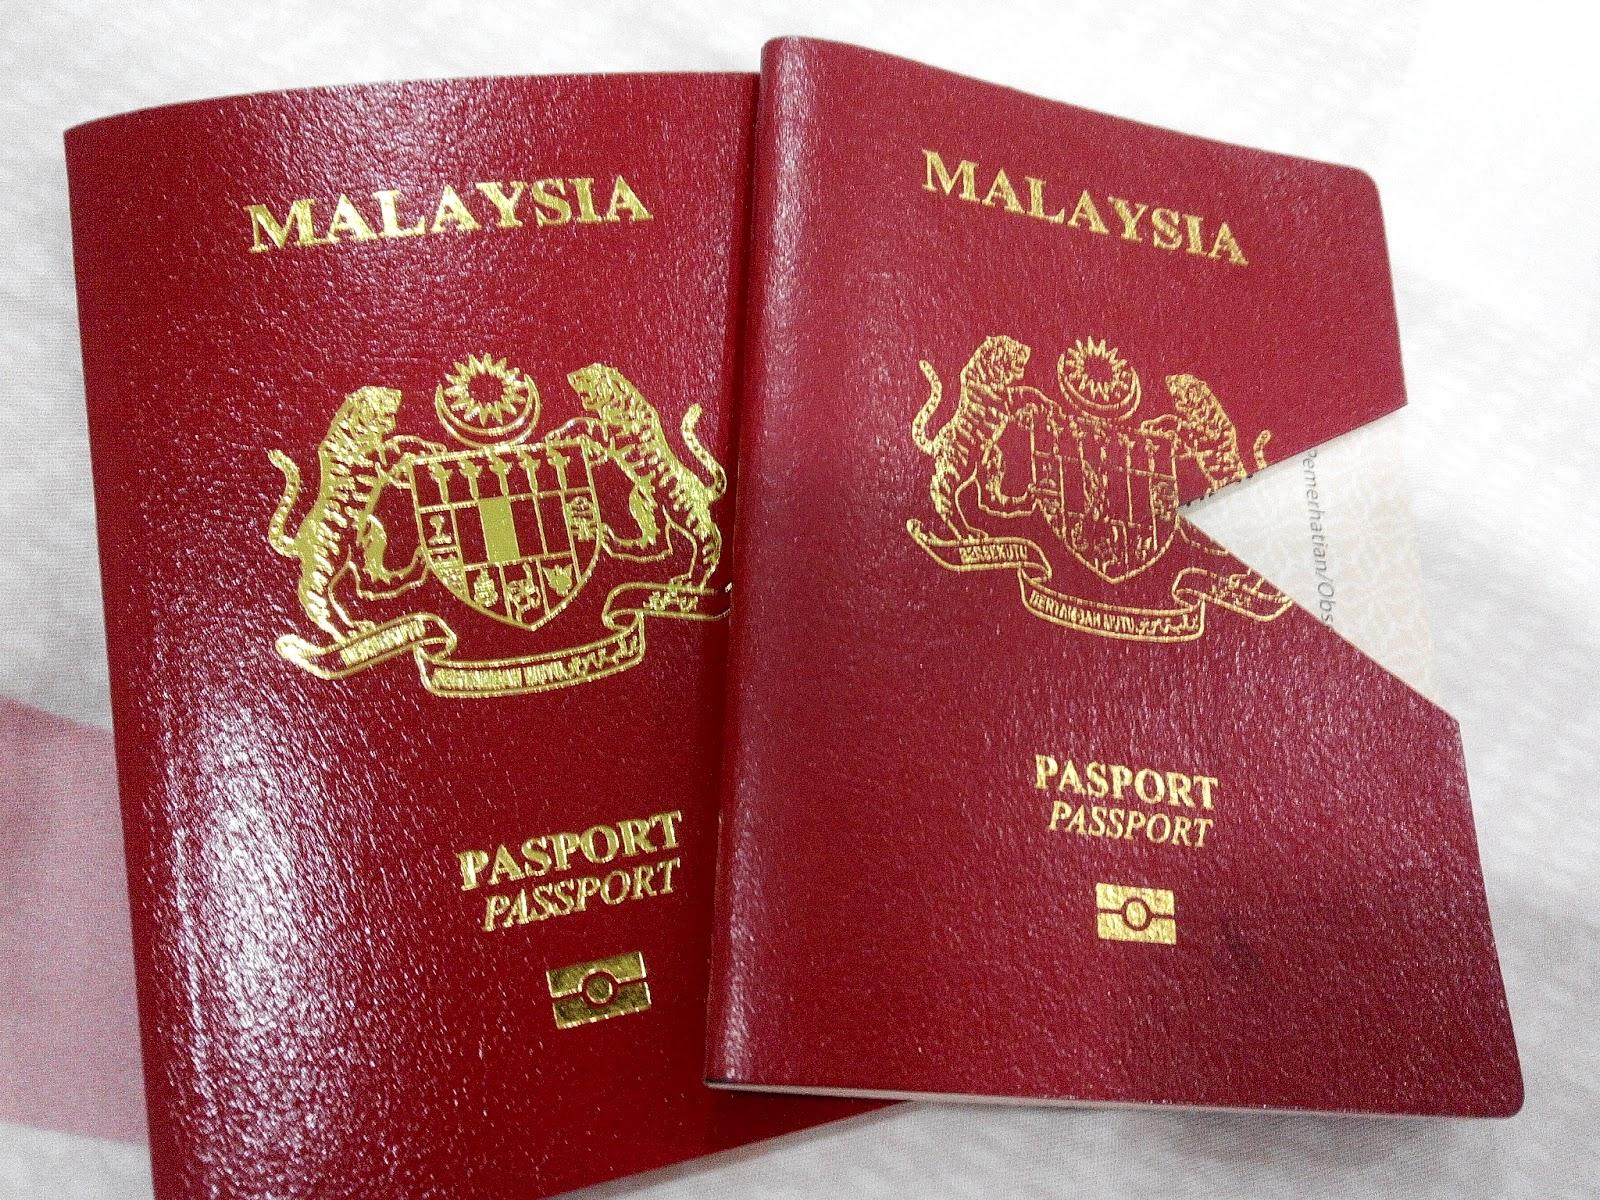 نتيجة بحث الصور عن malaysia passport